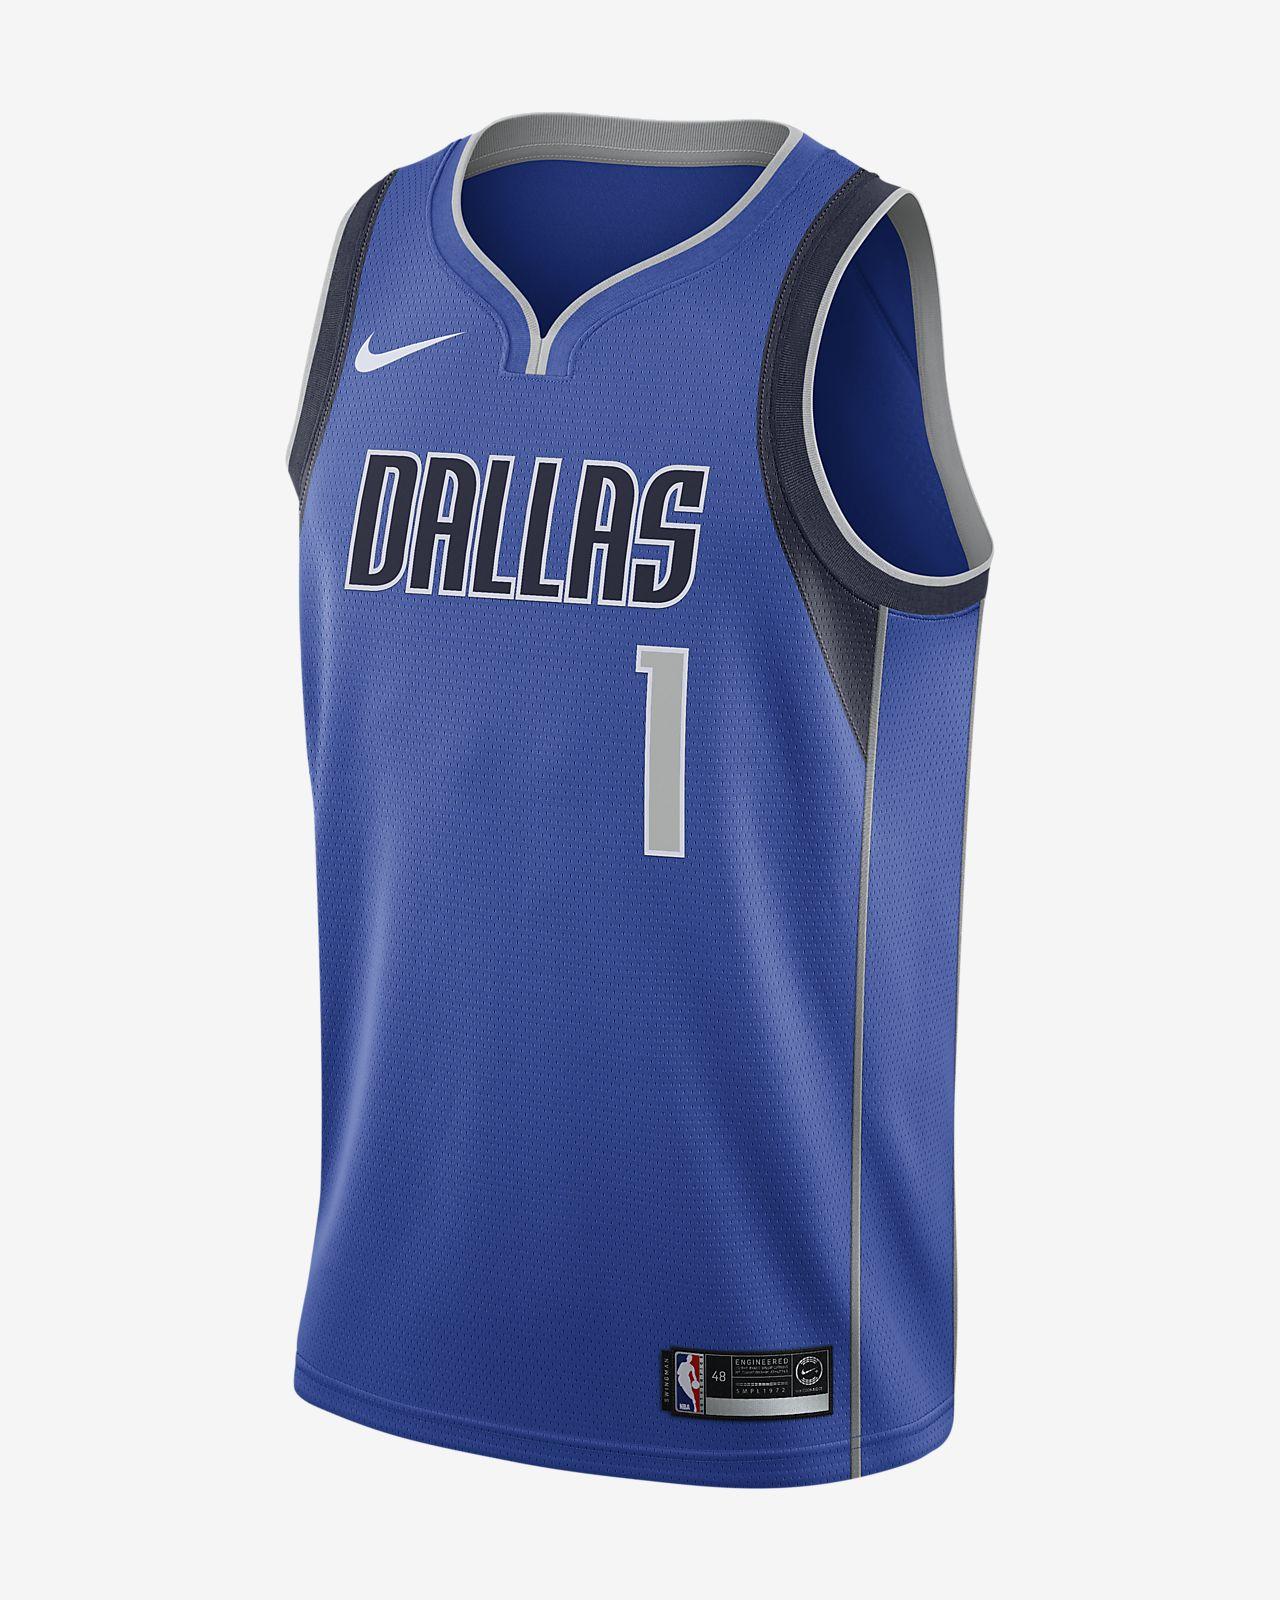 3787d02a5e3 nba reversible jerseys  dennis smith jr. icon edition swingman (dallas  mavericks) mens nike nba connected jersey